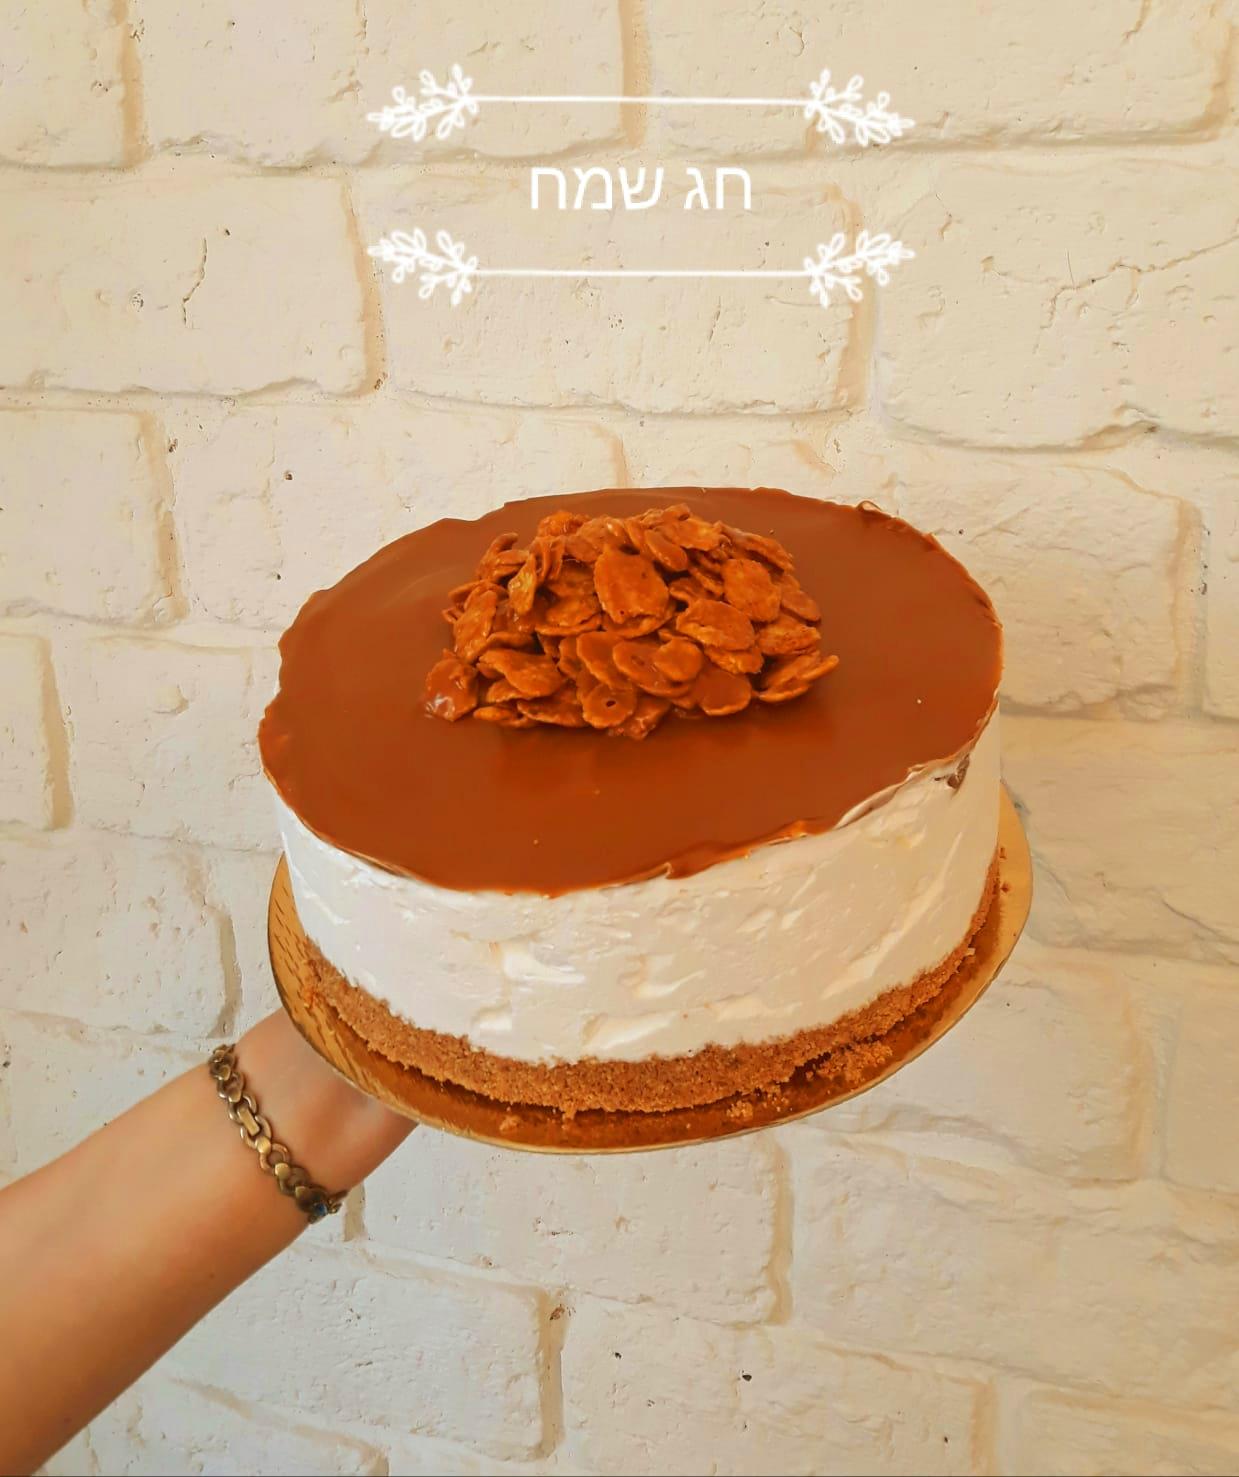 Untitled 7 - עוגת גבינה קרה | מתכון בסיס